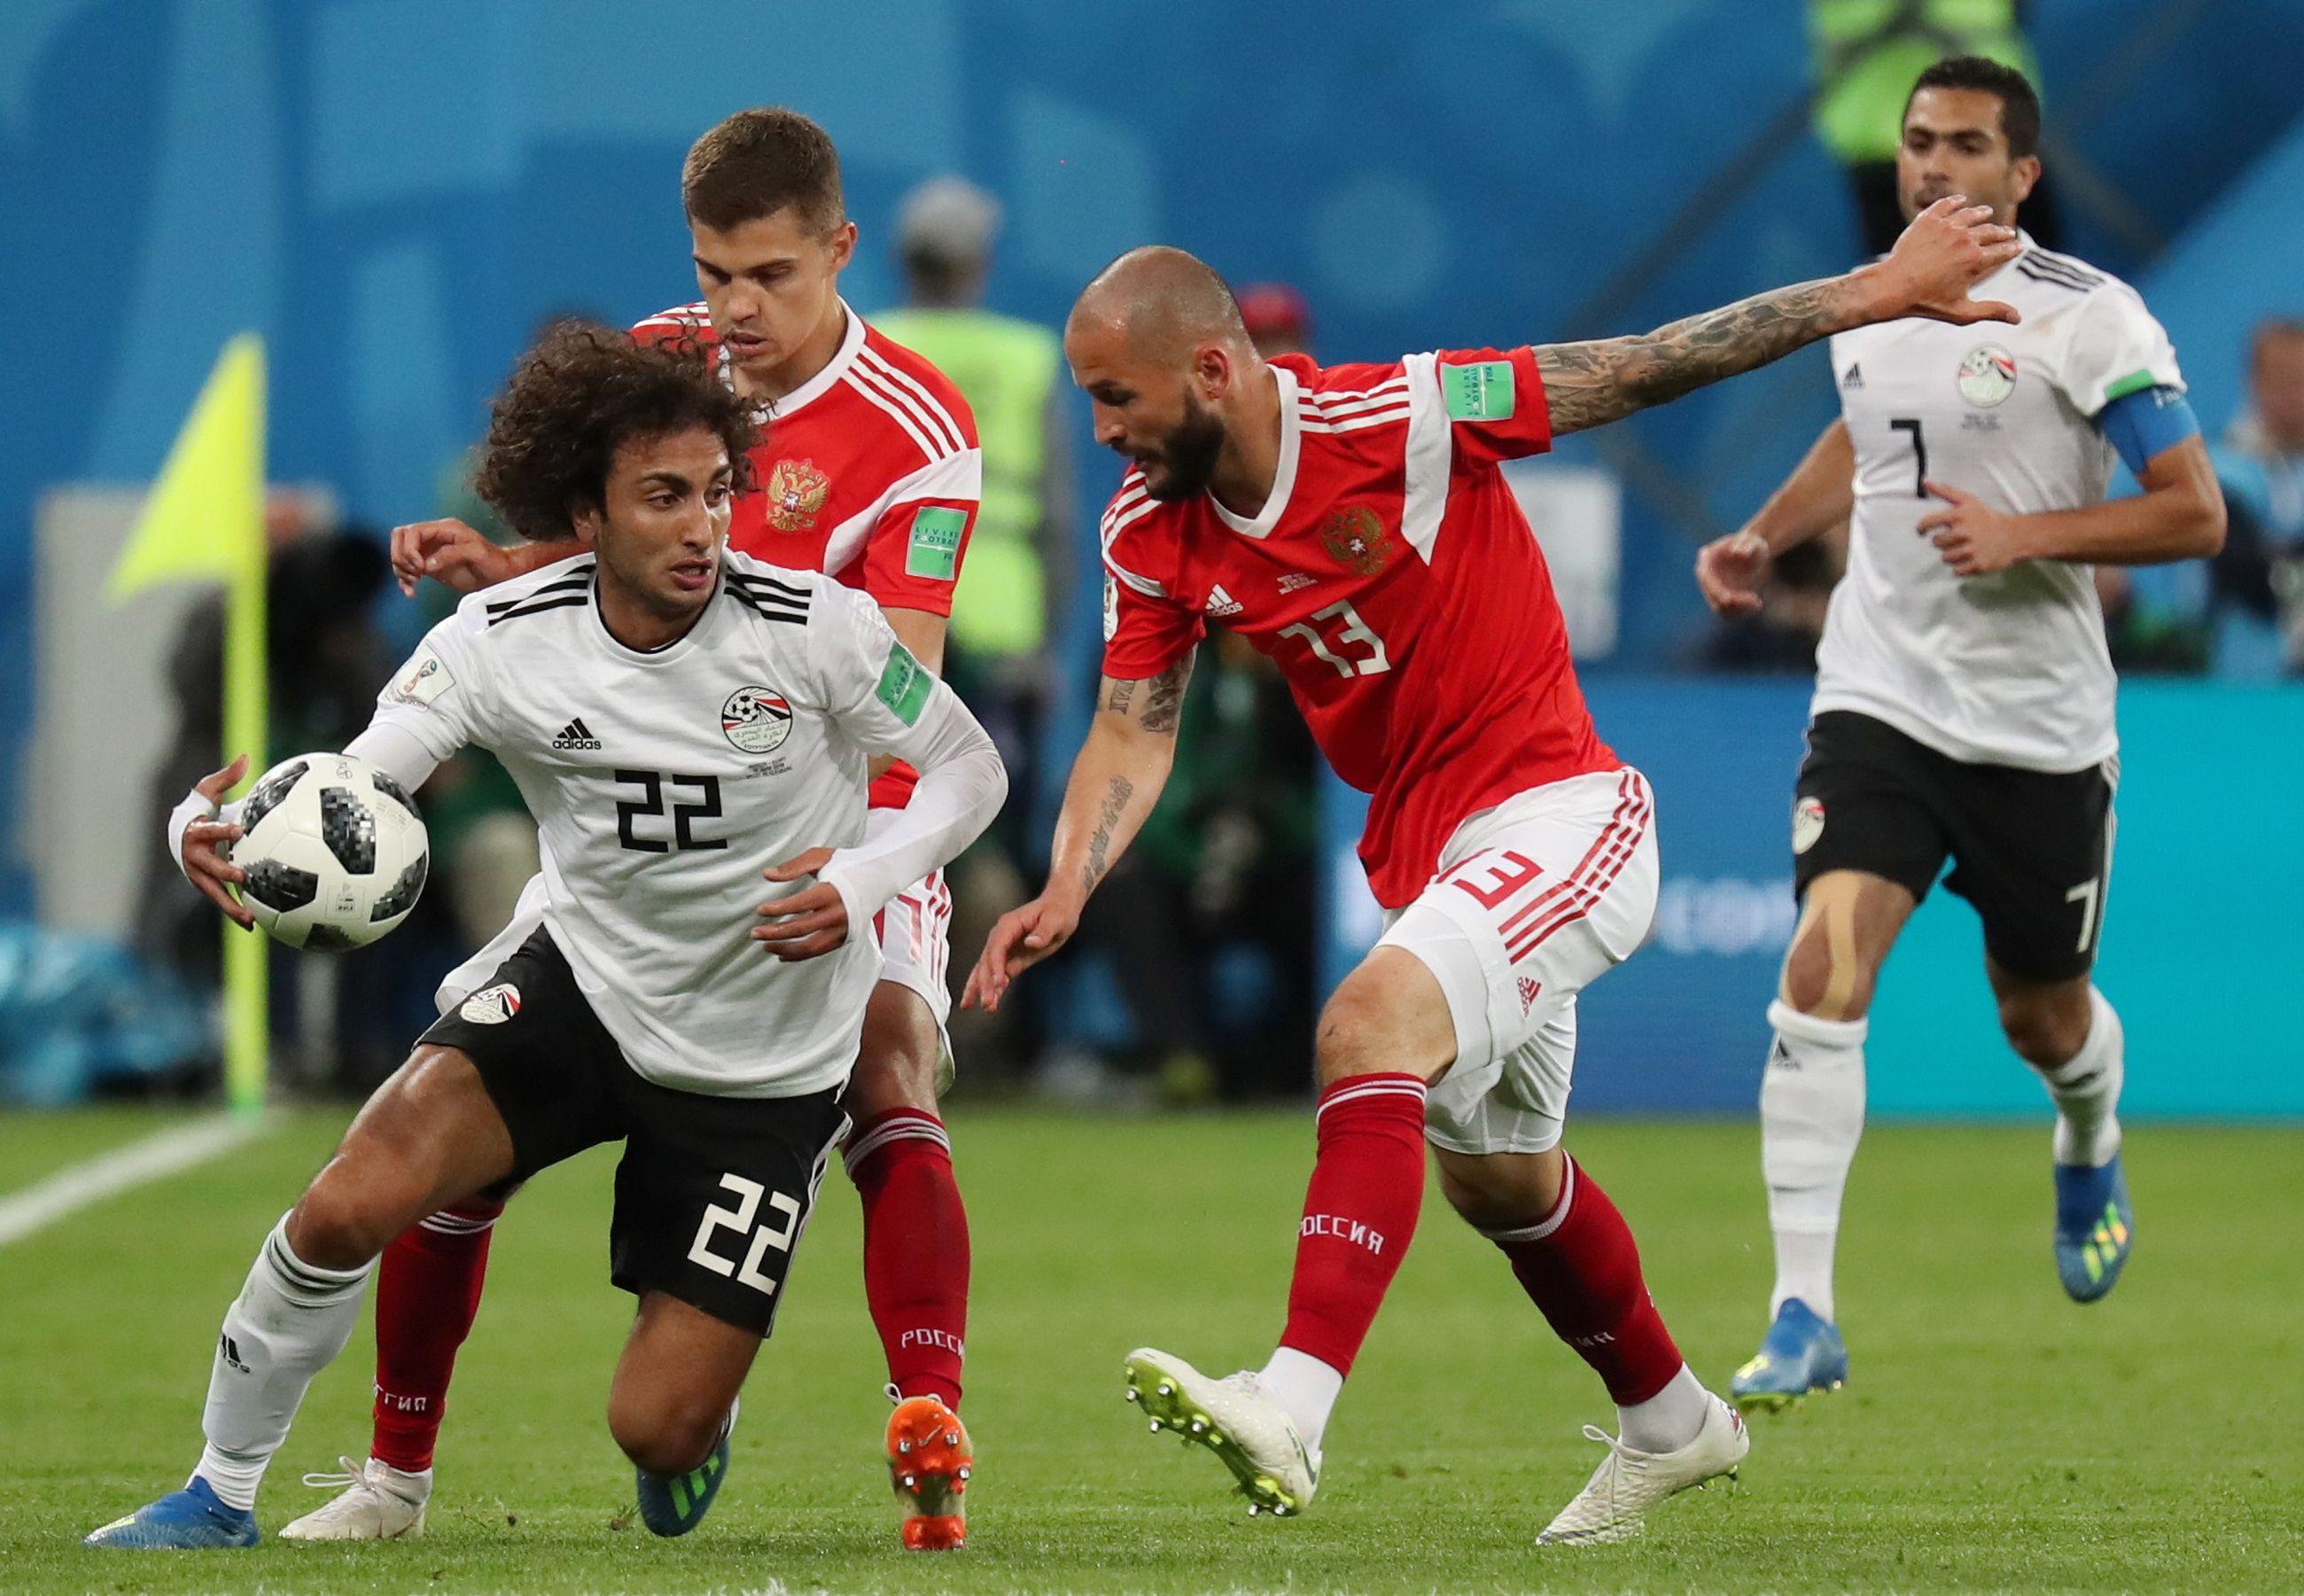 Egyptin Jalkapallomaajoukkue